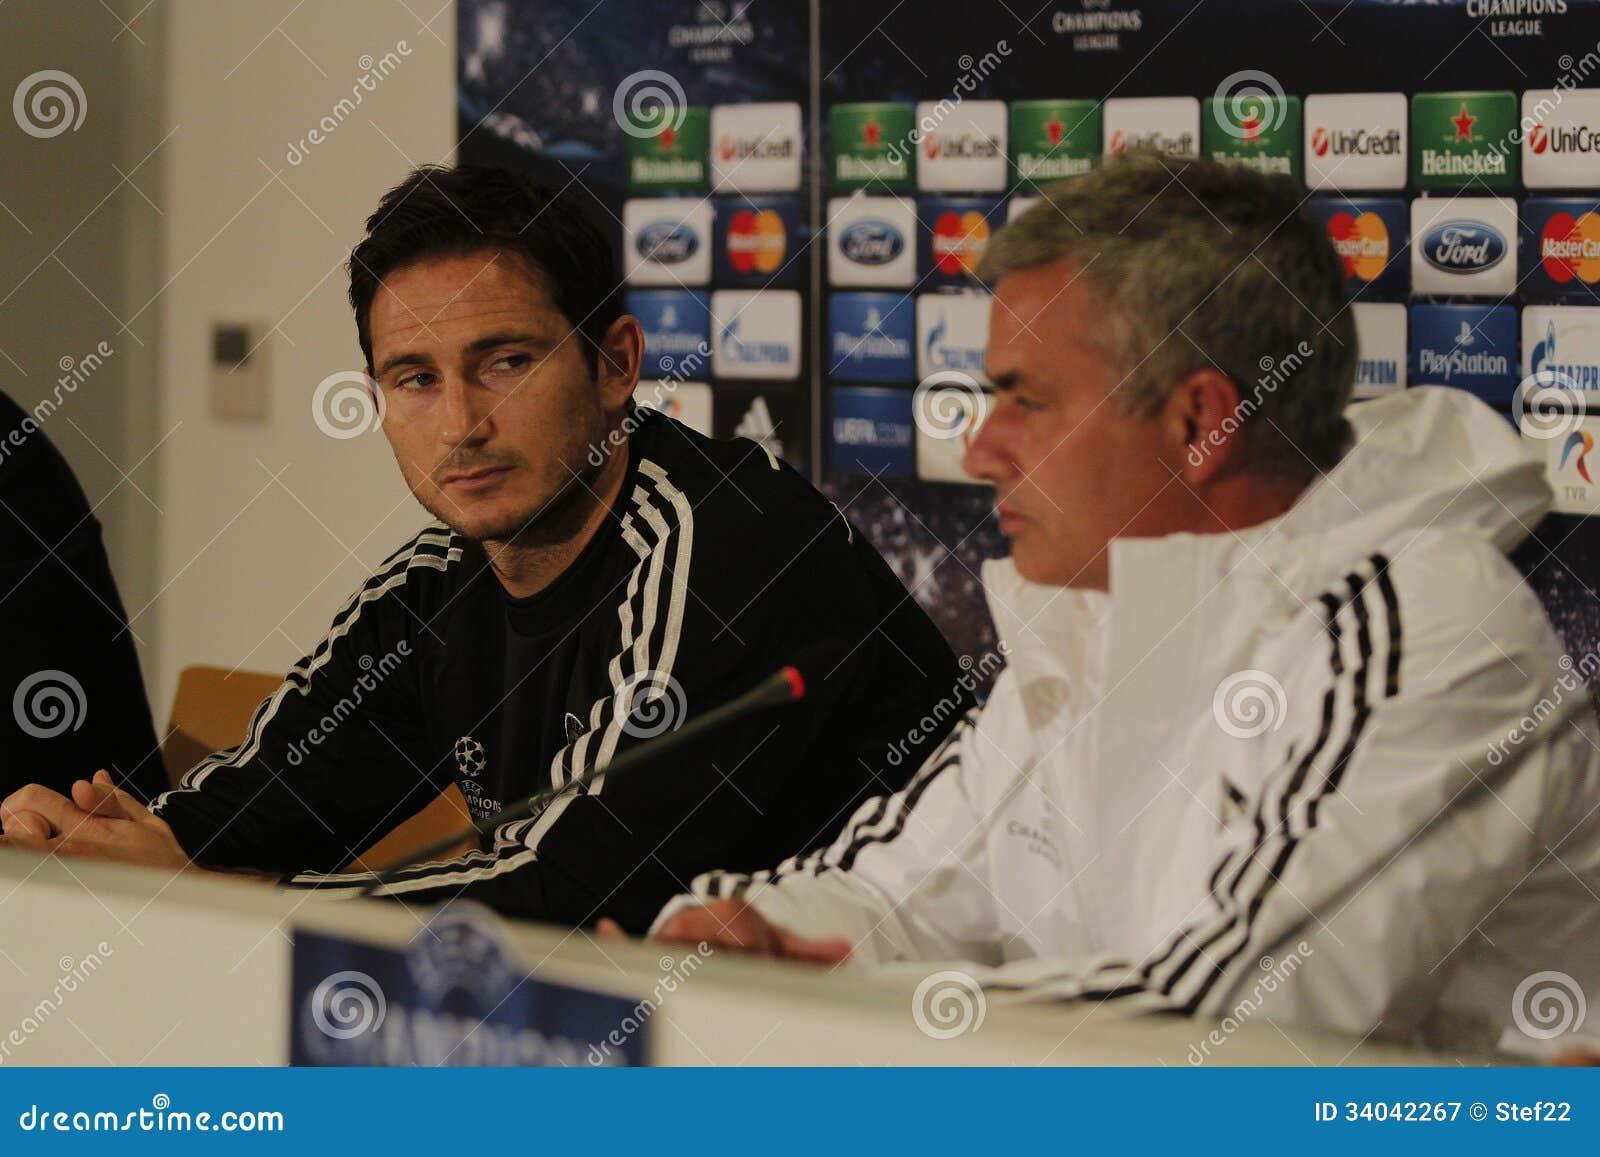 Jose Mourinho e Frank Lampard